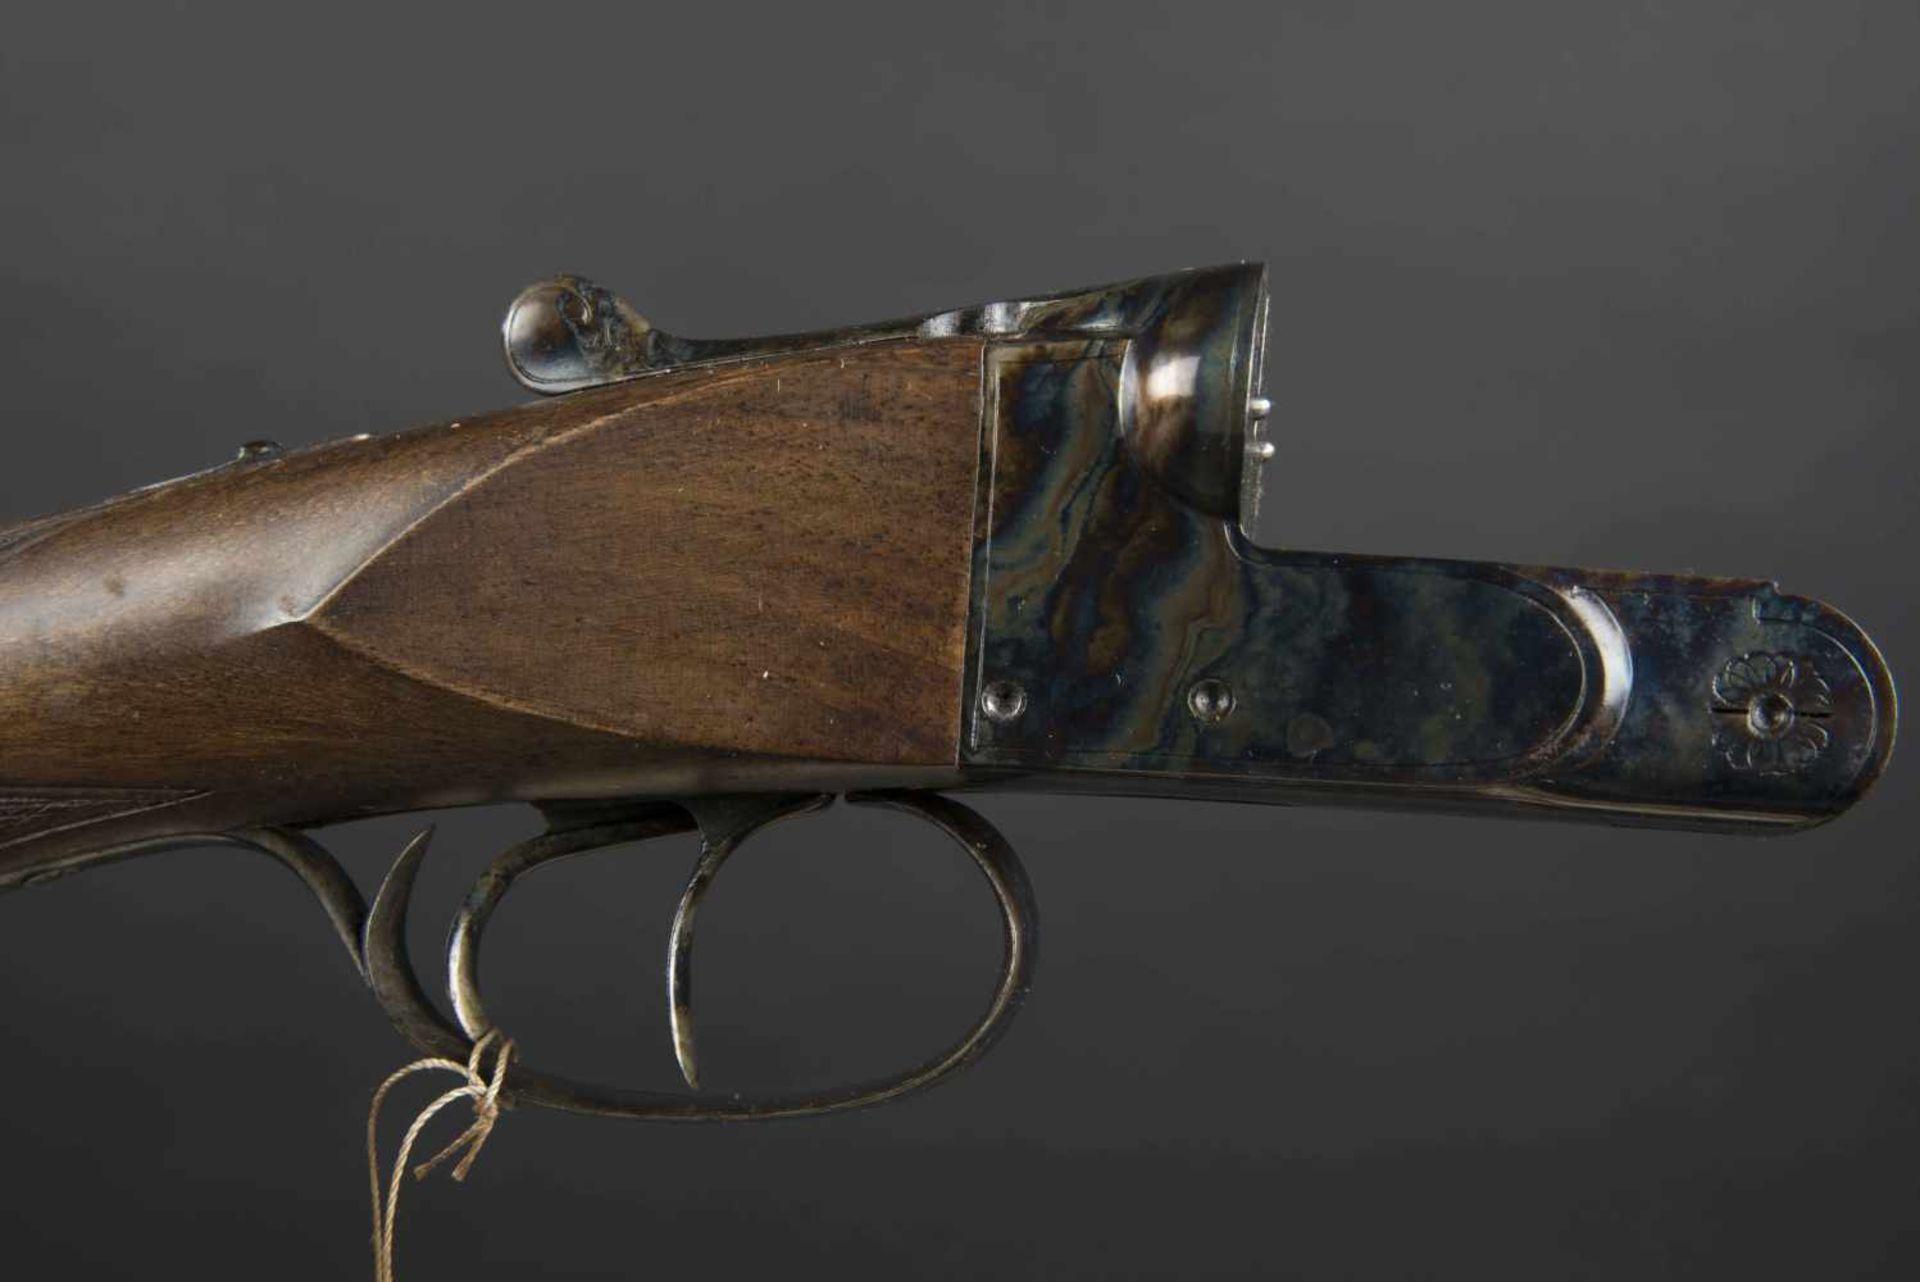 Fusil juxtaposé Paris Sport Catégorie C Calibre 16, numéro 146486. Carton non au modèle de l'arme. - Bild 2 aus 4